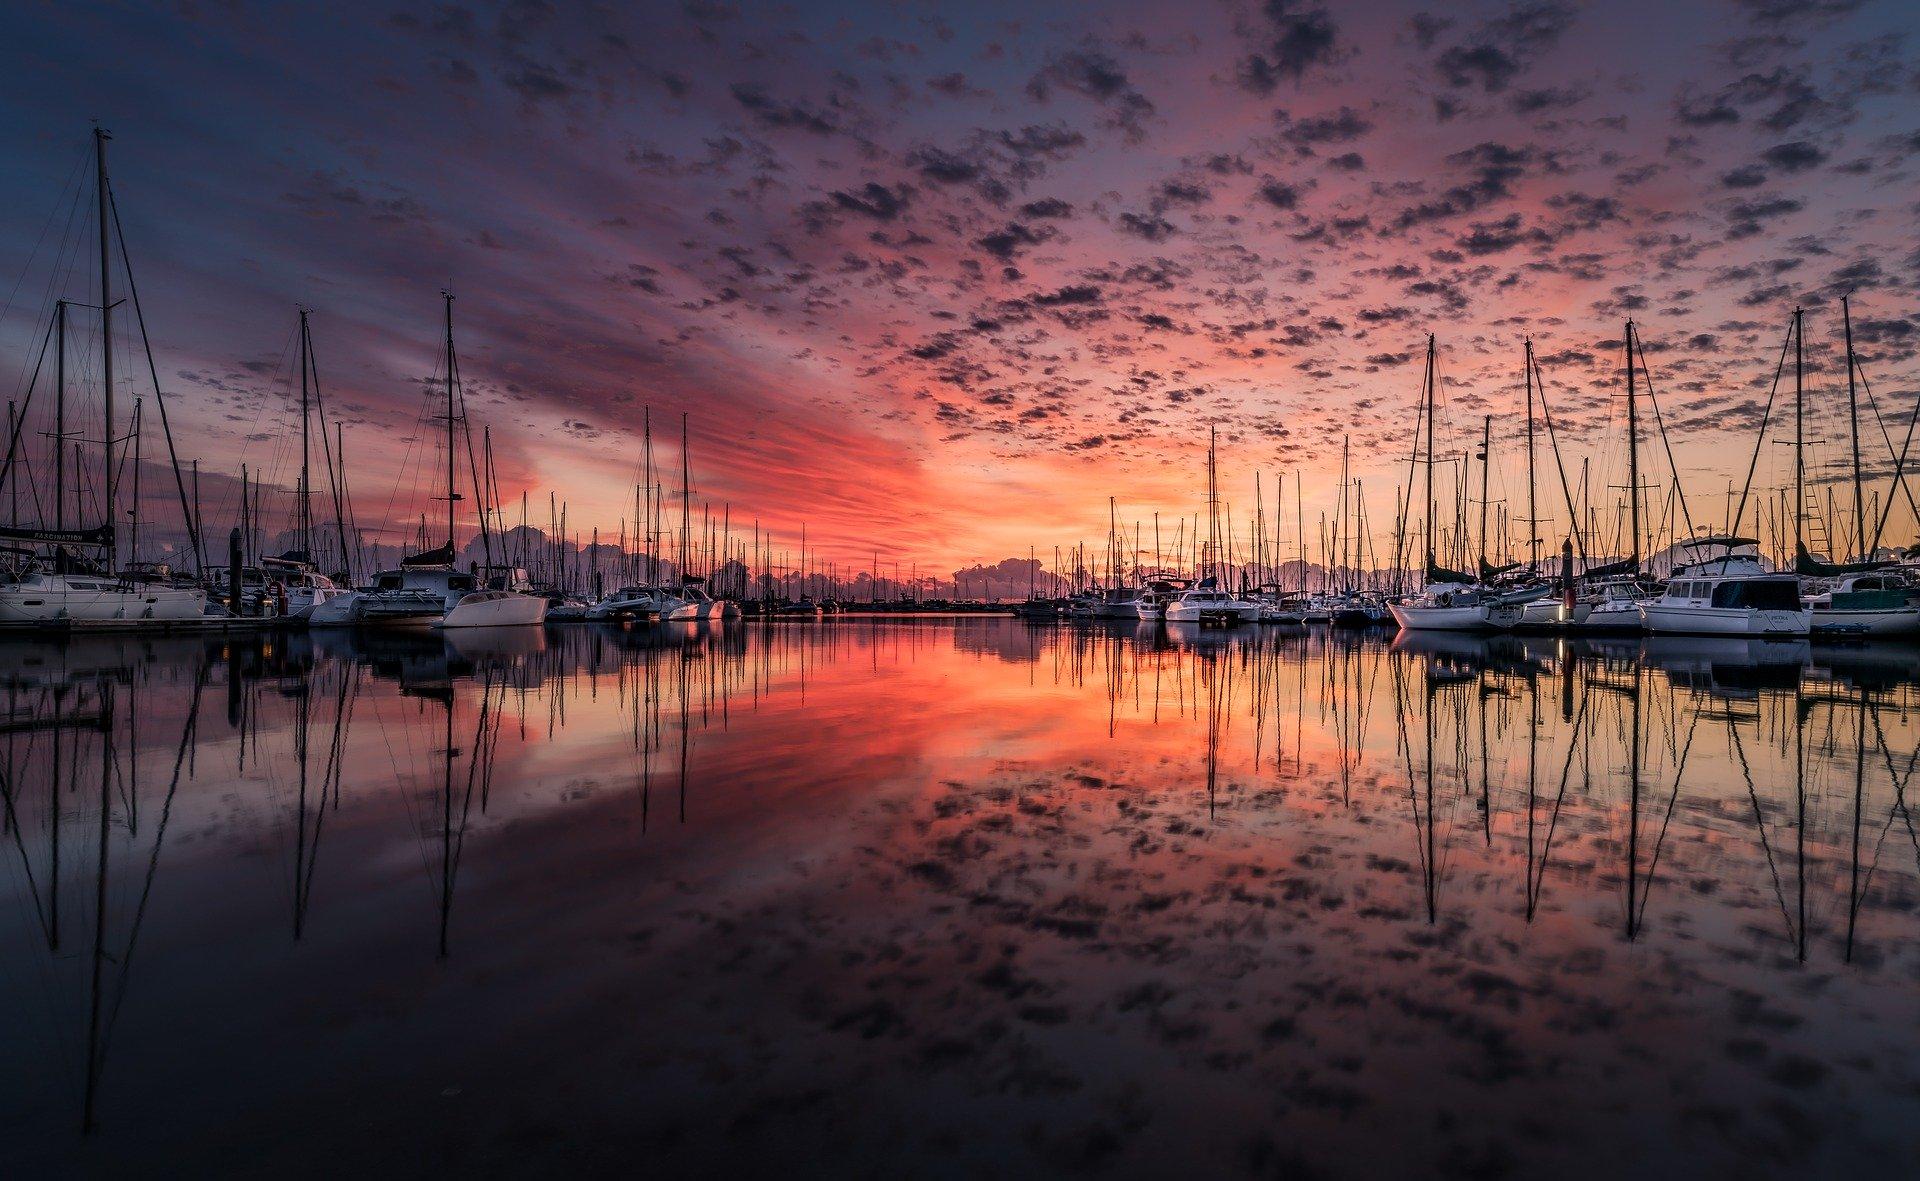 avventure nel mondo viaggi in barca a vela